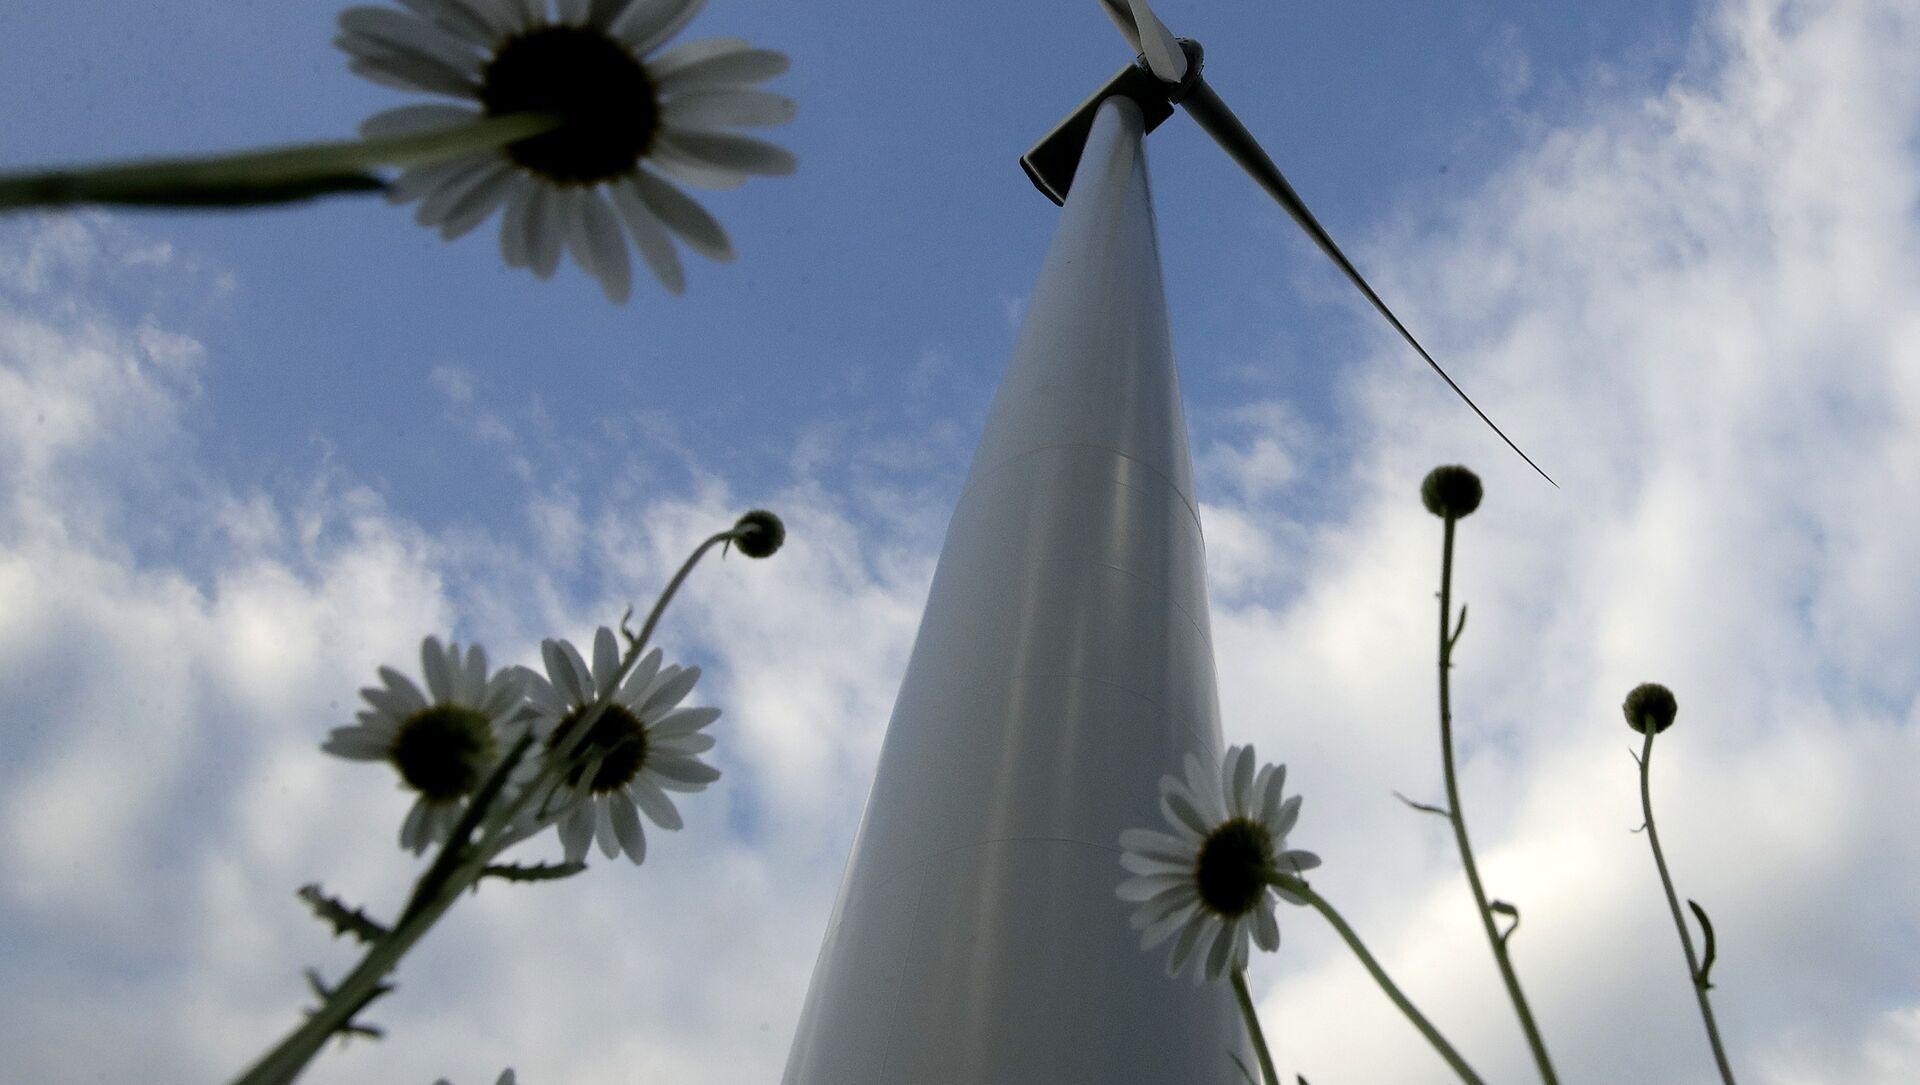 Un mulino a vento - Sputnik Italia, 1920, 26.02.2021